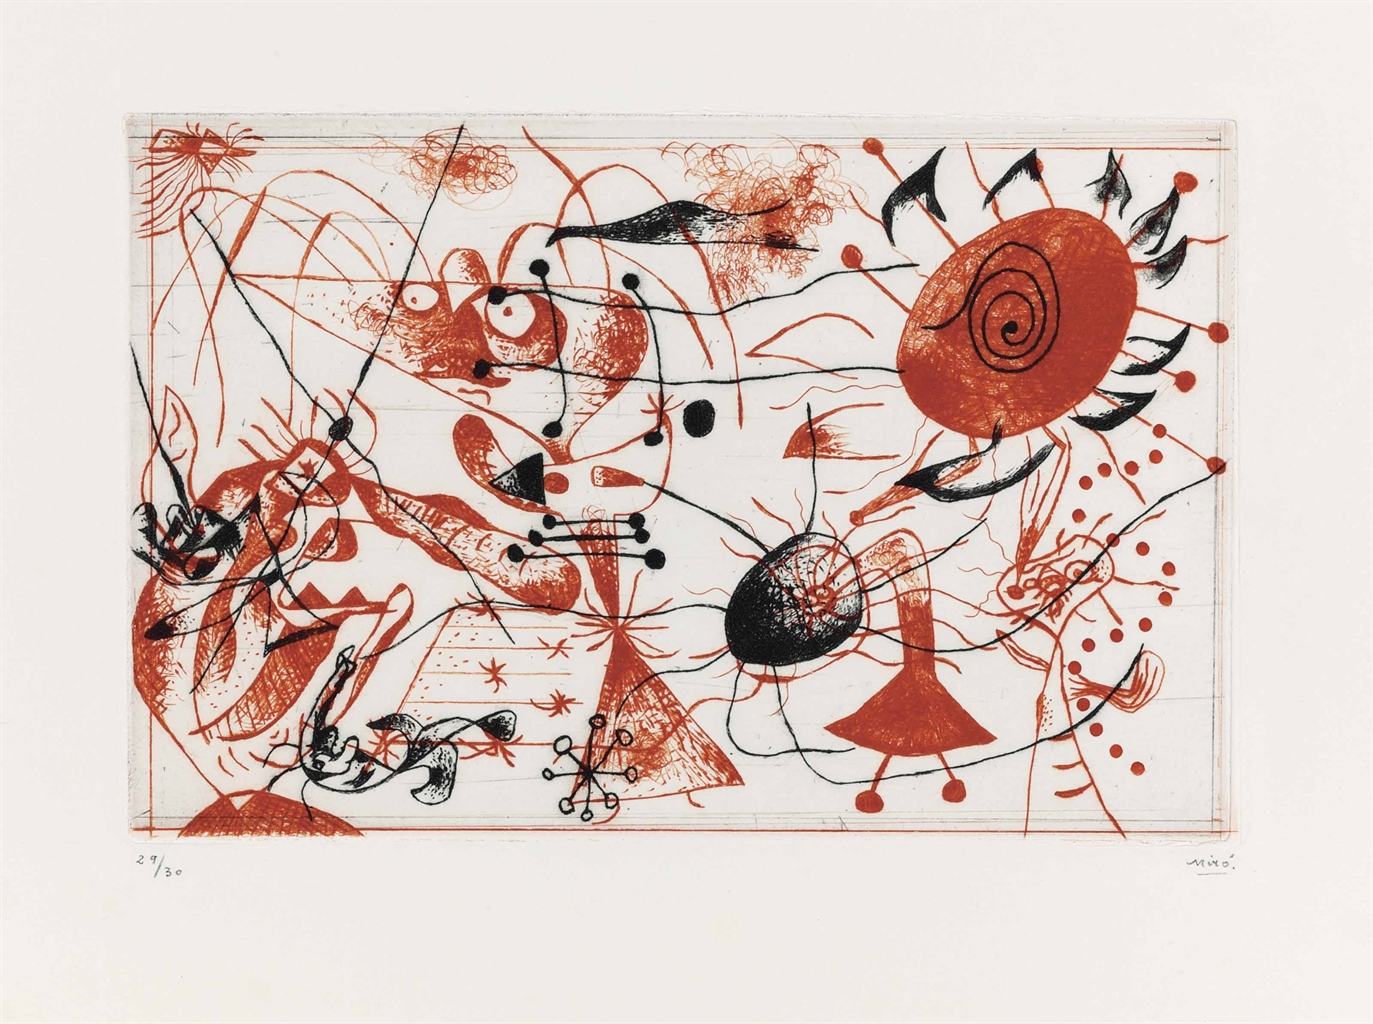 Joan Miro-Serie noire et rouge: one plate-1938